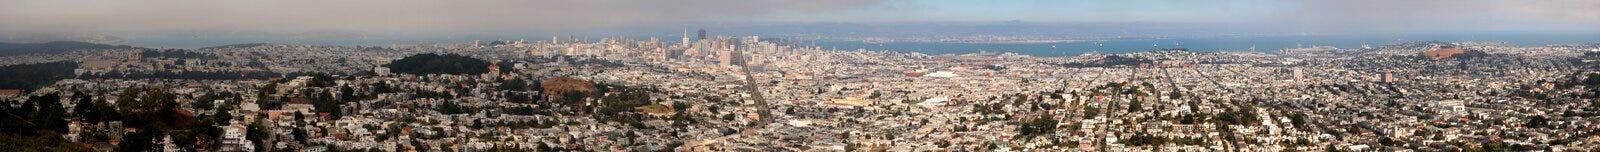 Panorama van San Francisco Stock Afbeeldingen